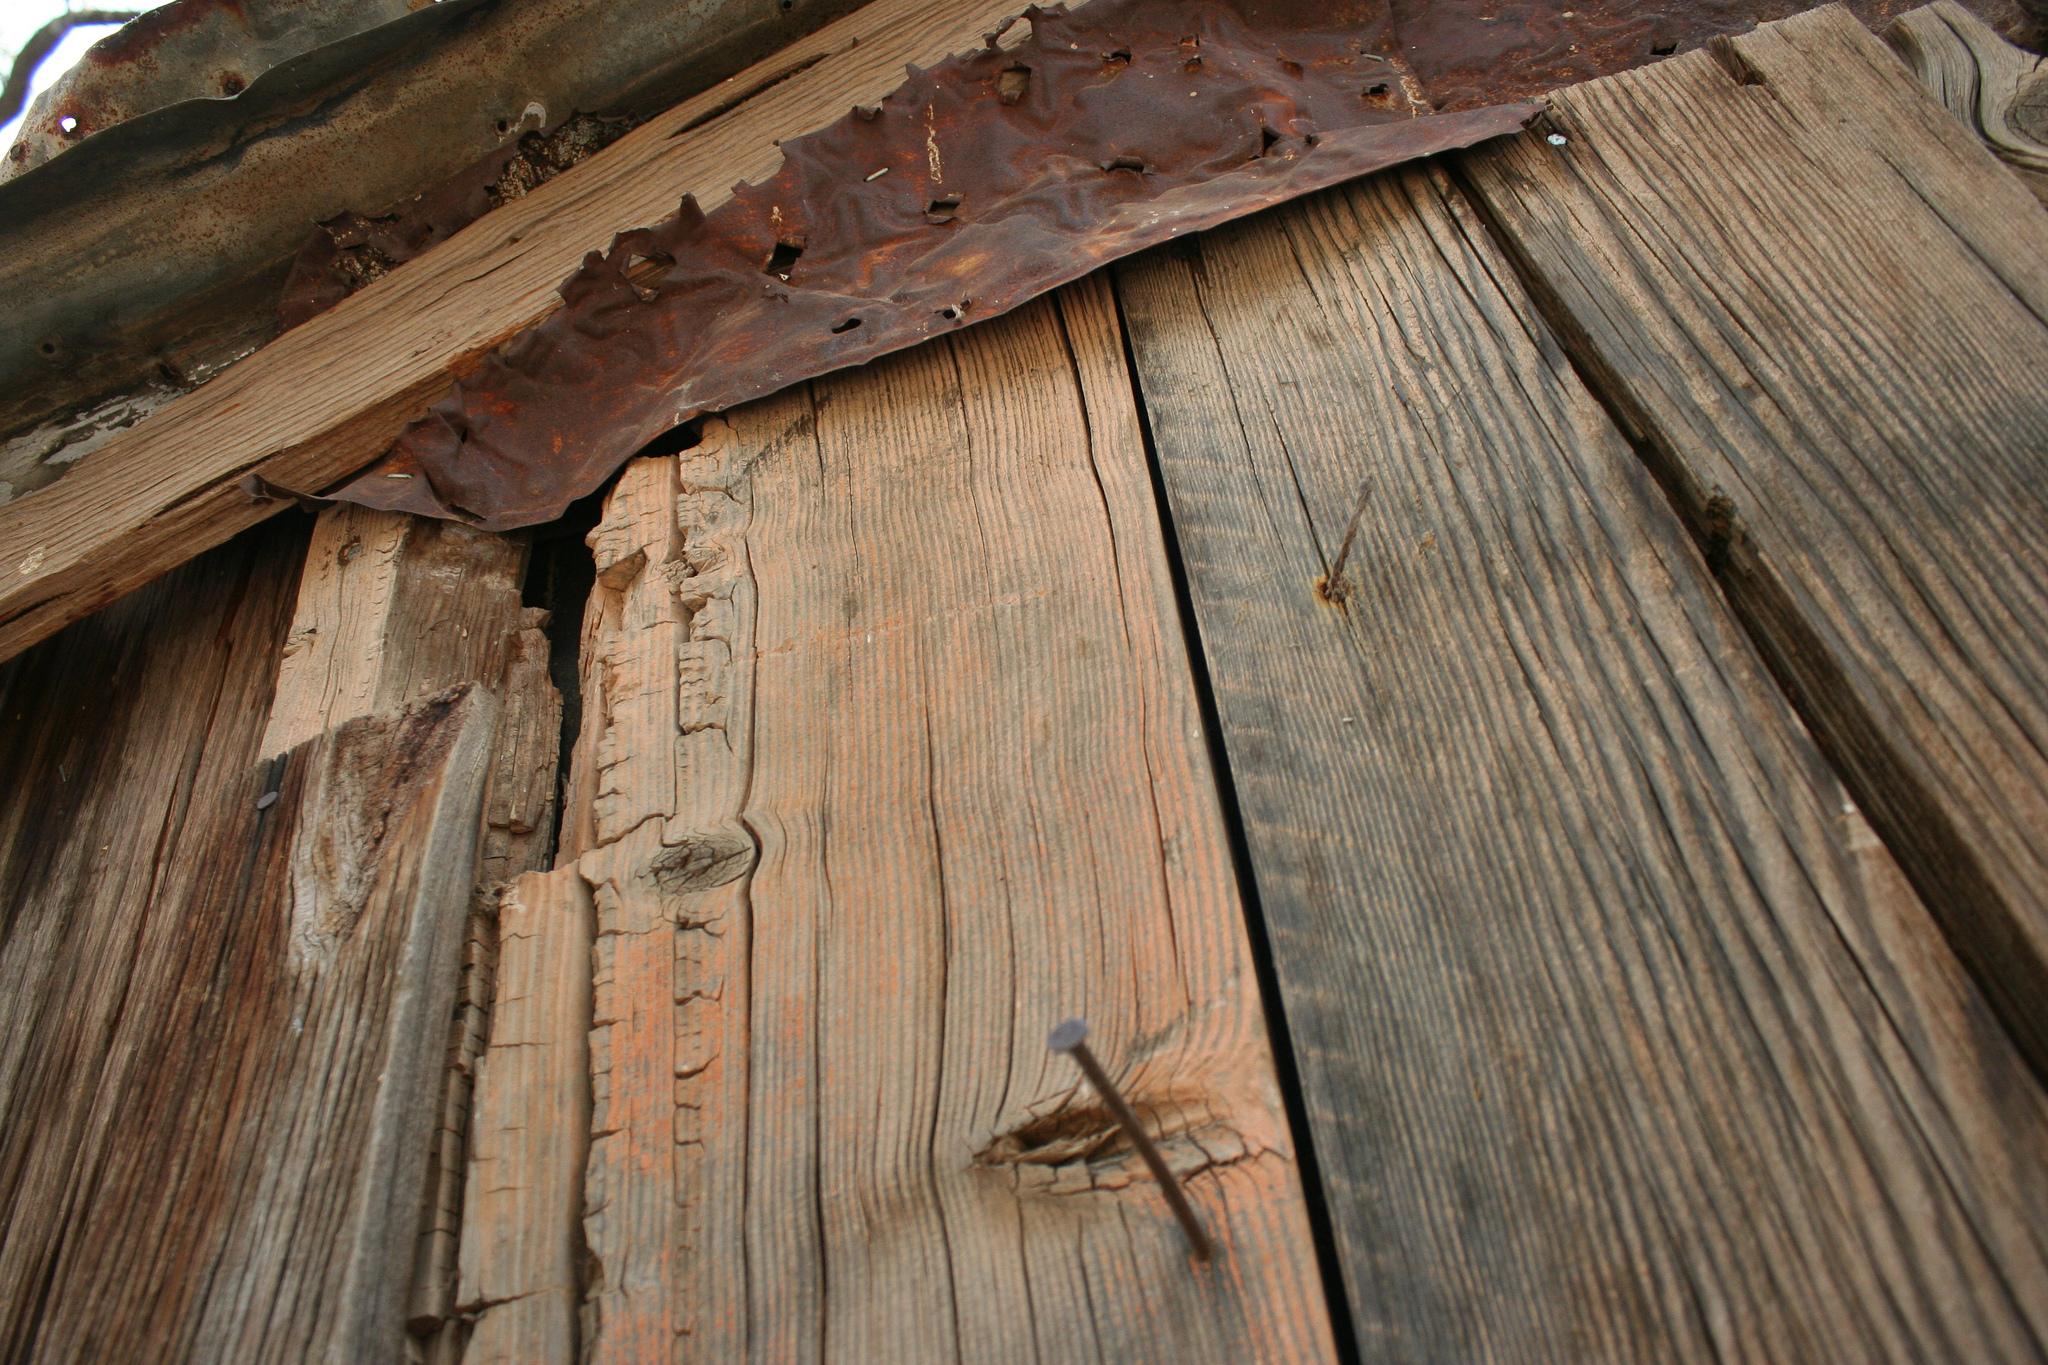 Lavorare Il Legno Grezzo : Come antichizzare il legno